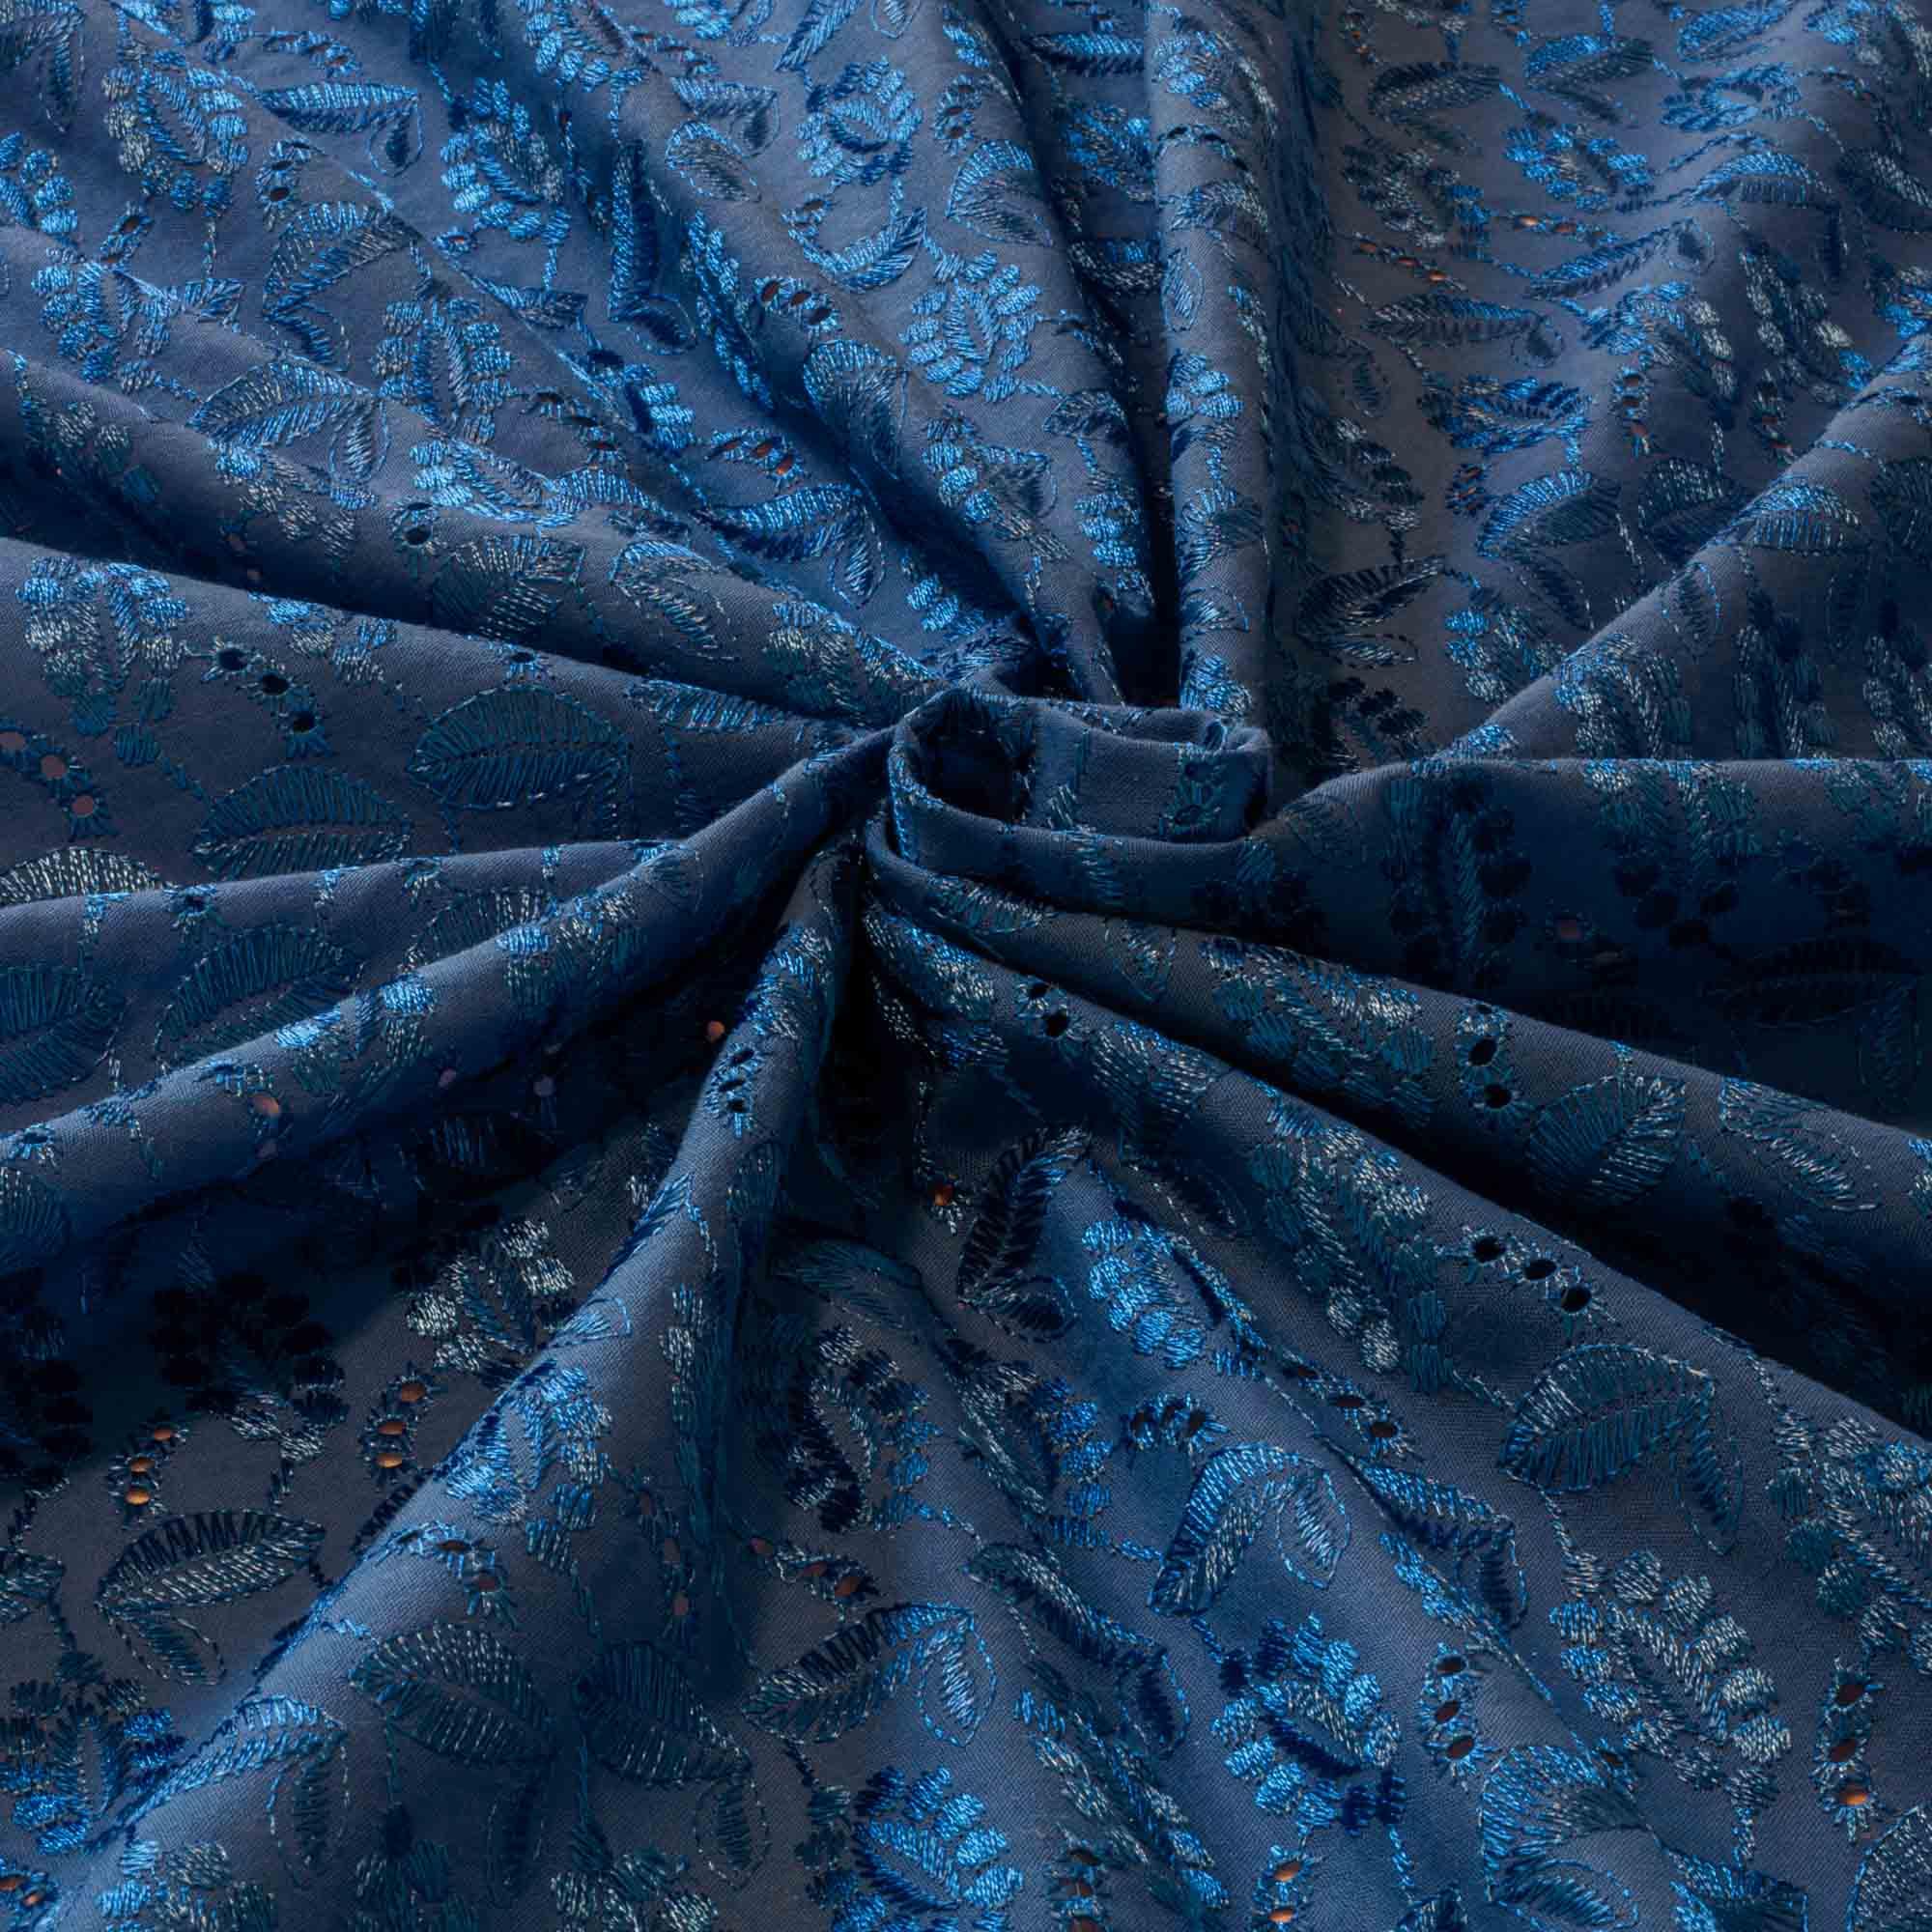 Tecido Laise Azul Royal 100% Algodão 1,40 Mt Largura